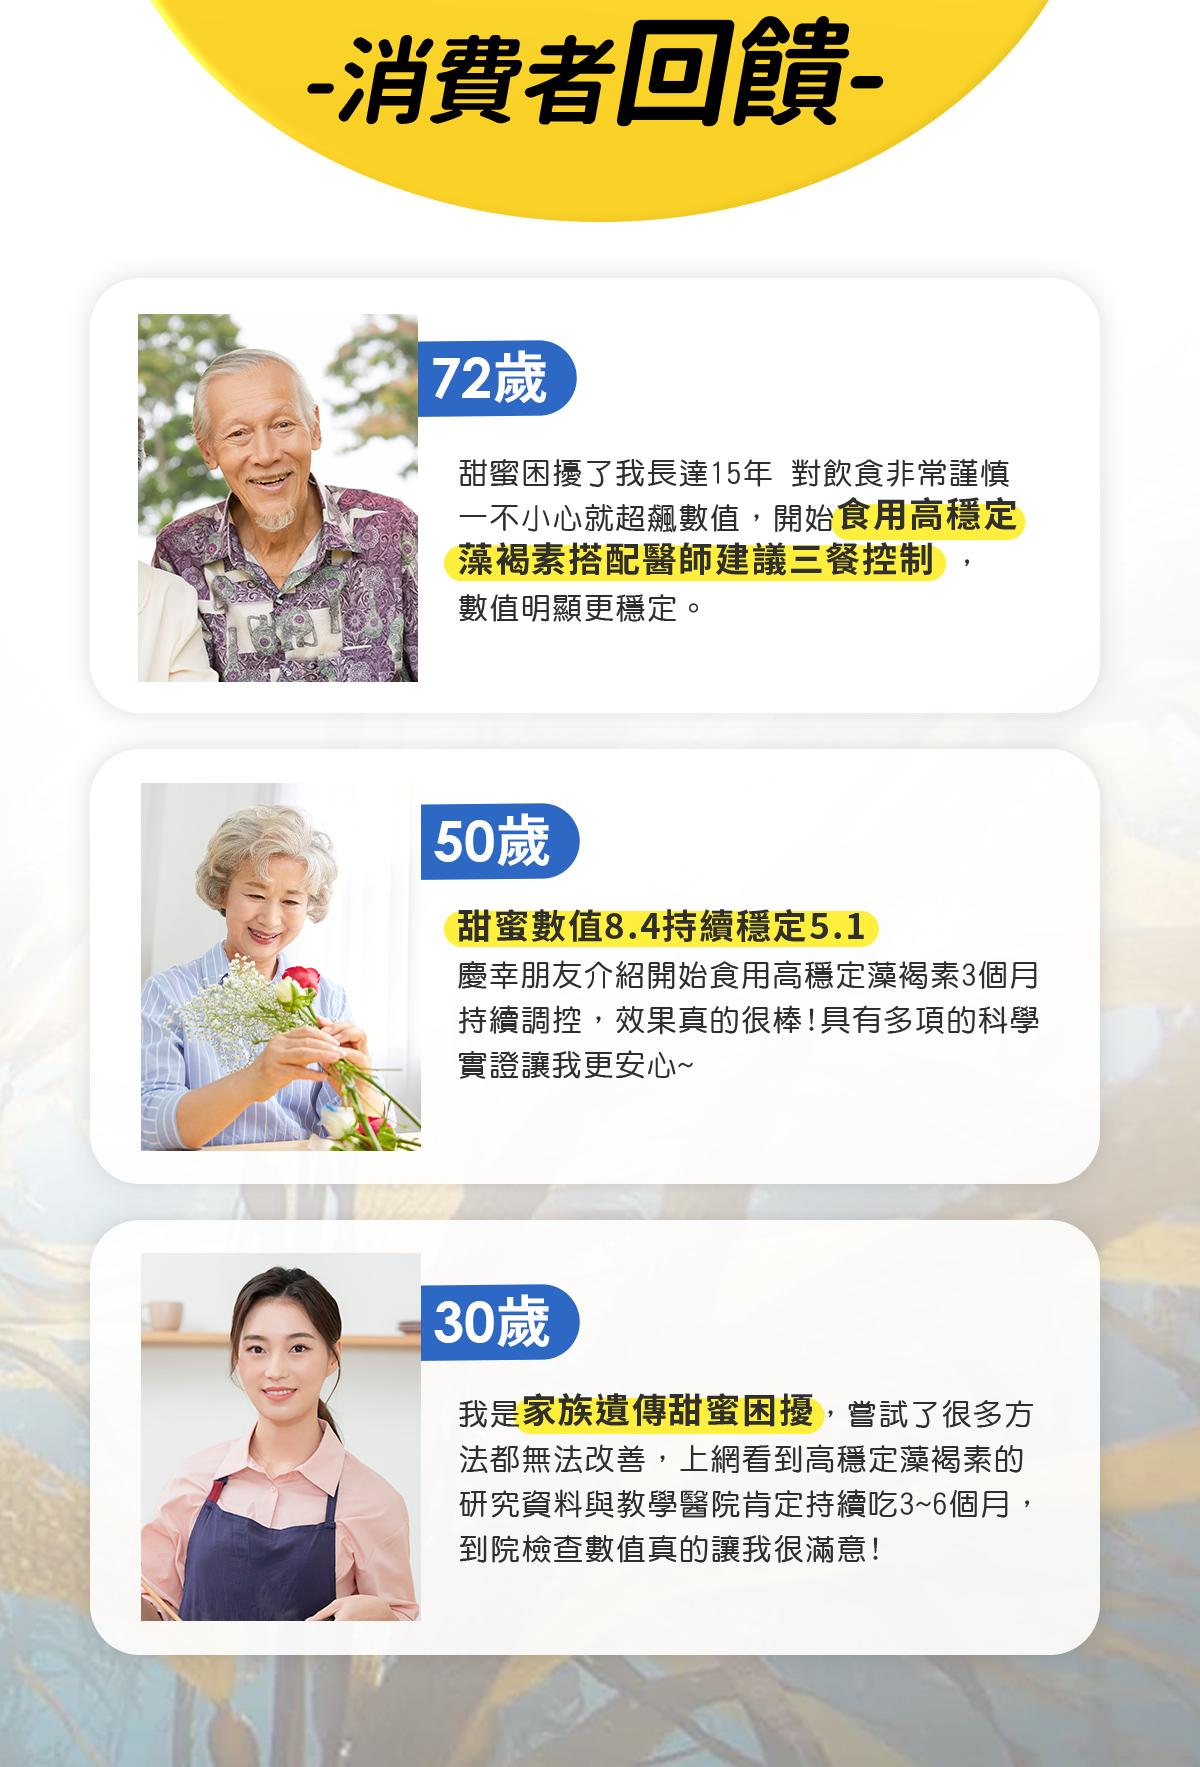 藻衡糖買3送1--加贈藻復元-消費者回饋